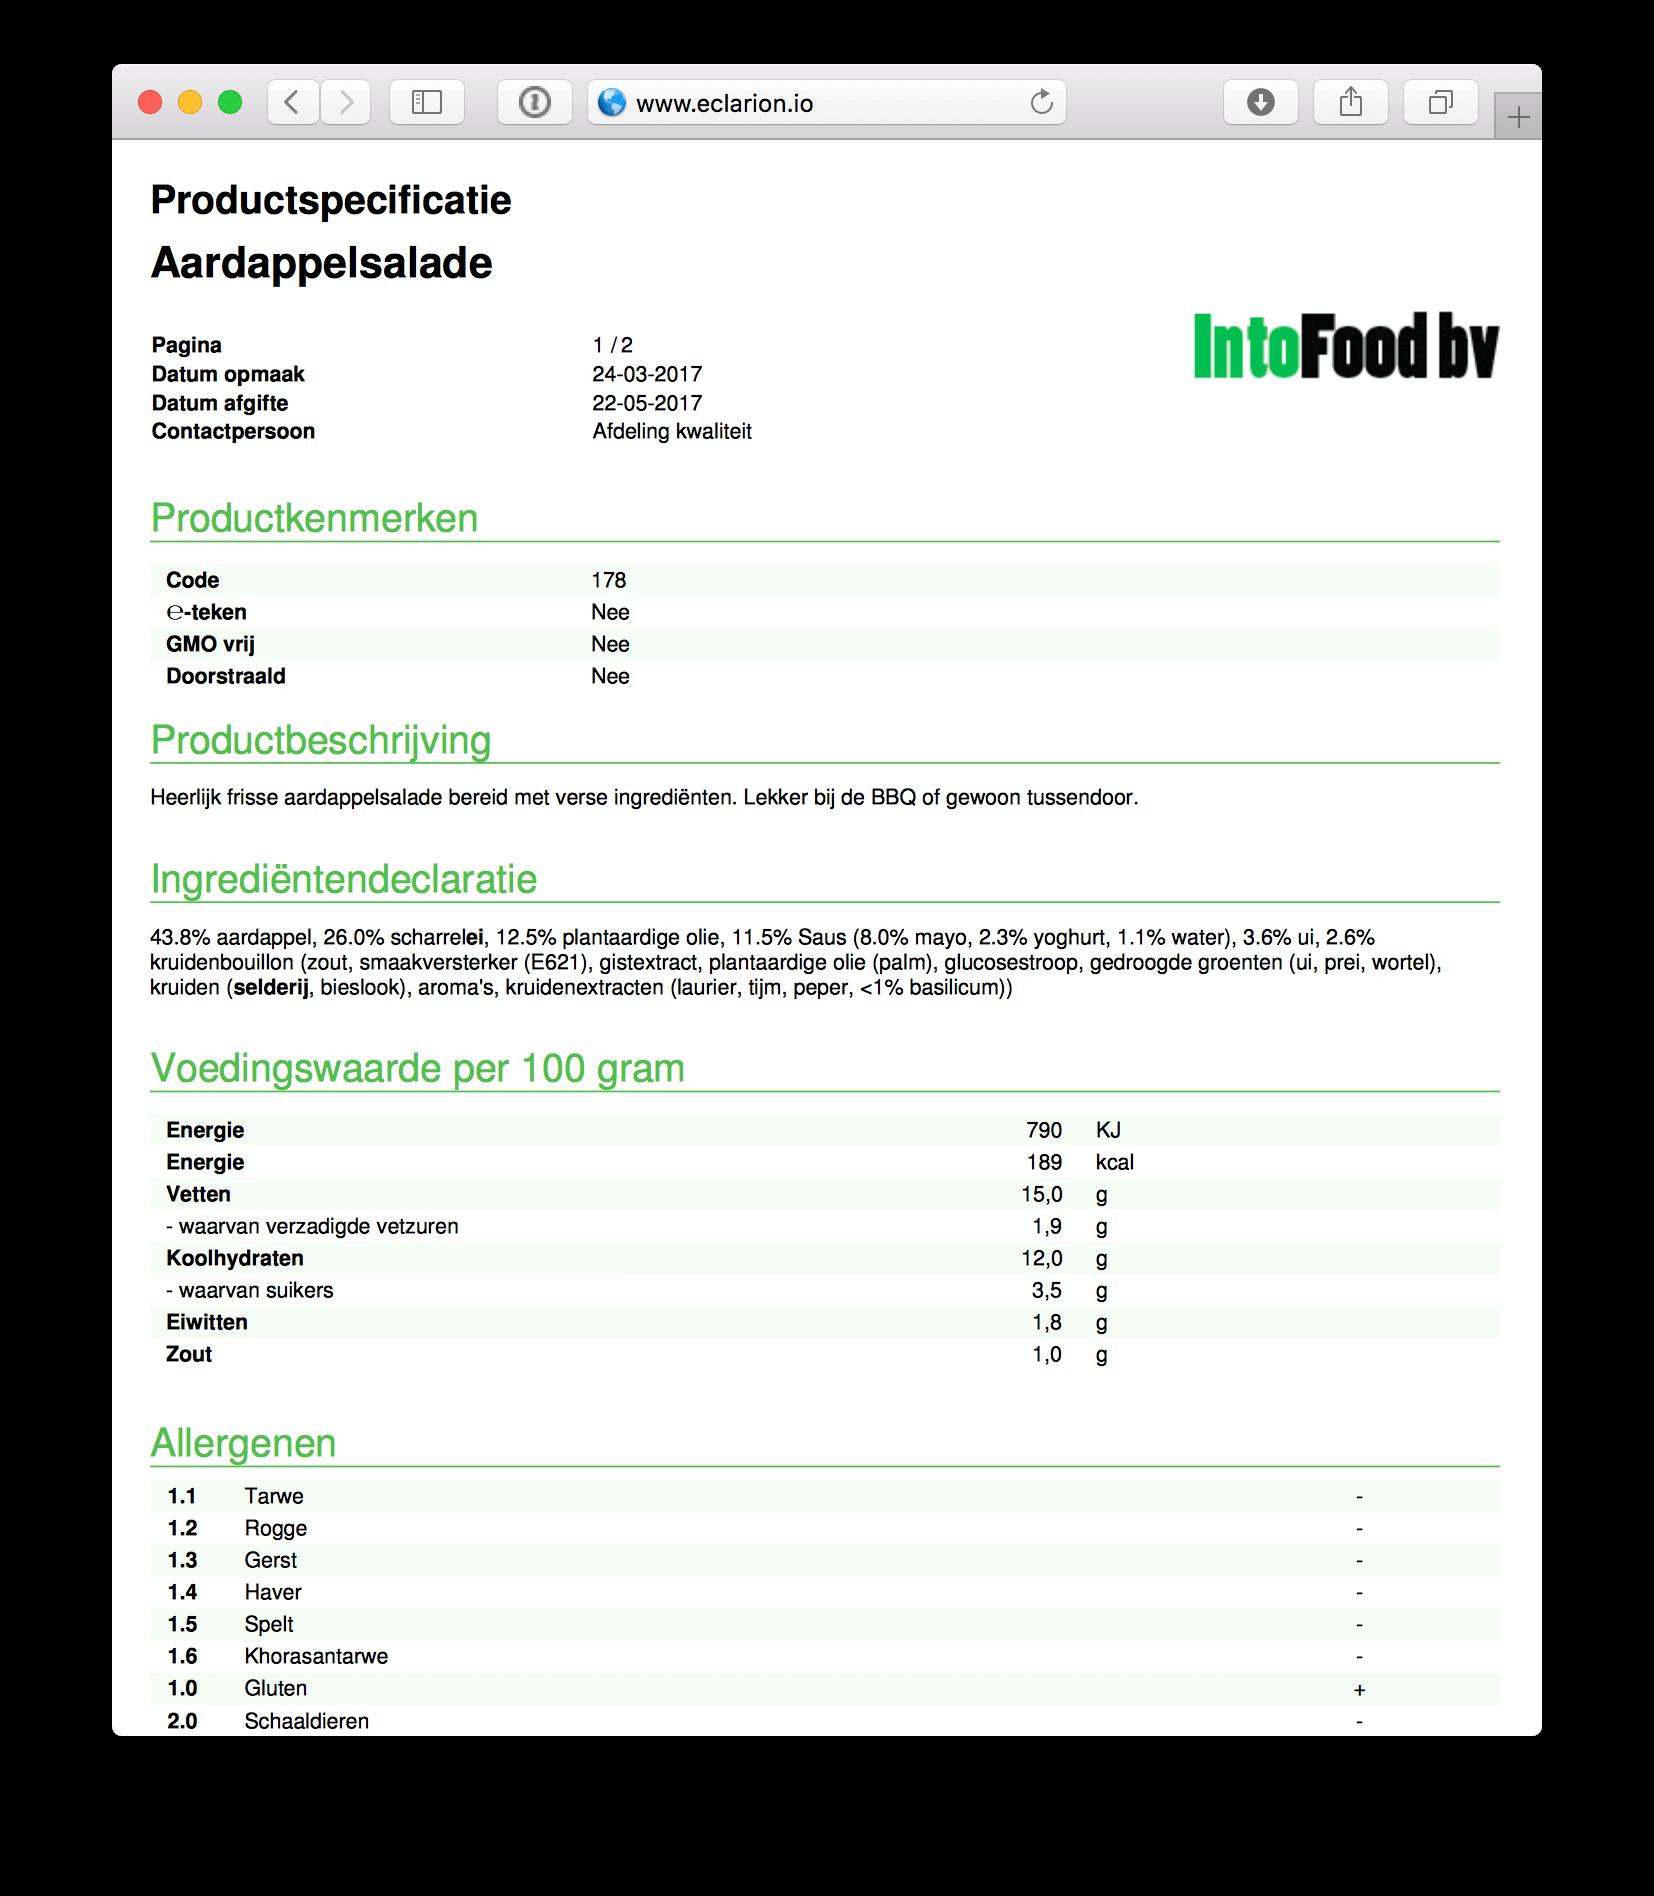 Productspecificatie samengesteld door Eclarion